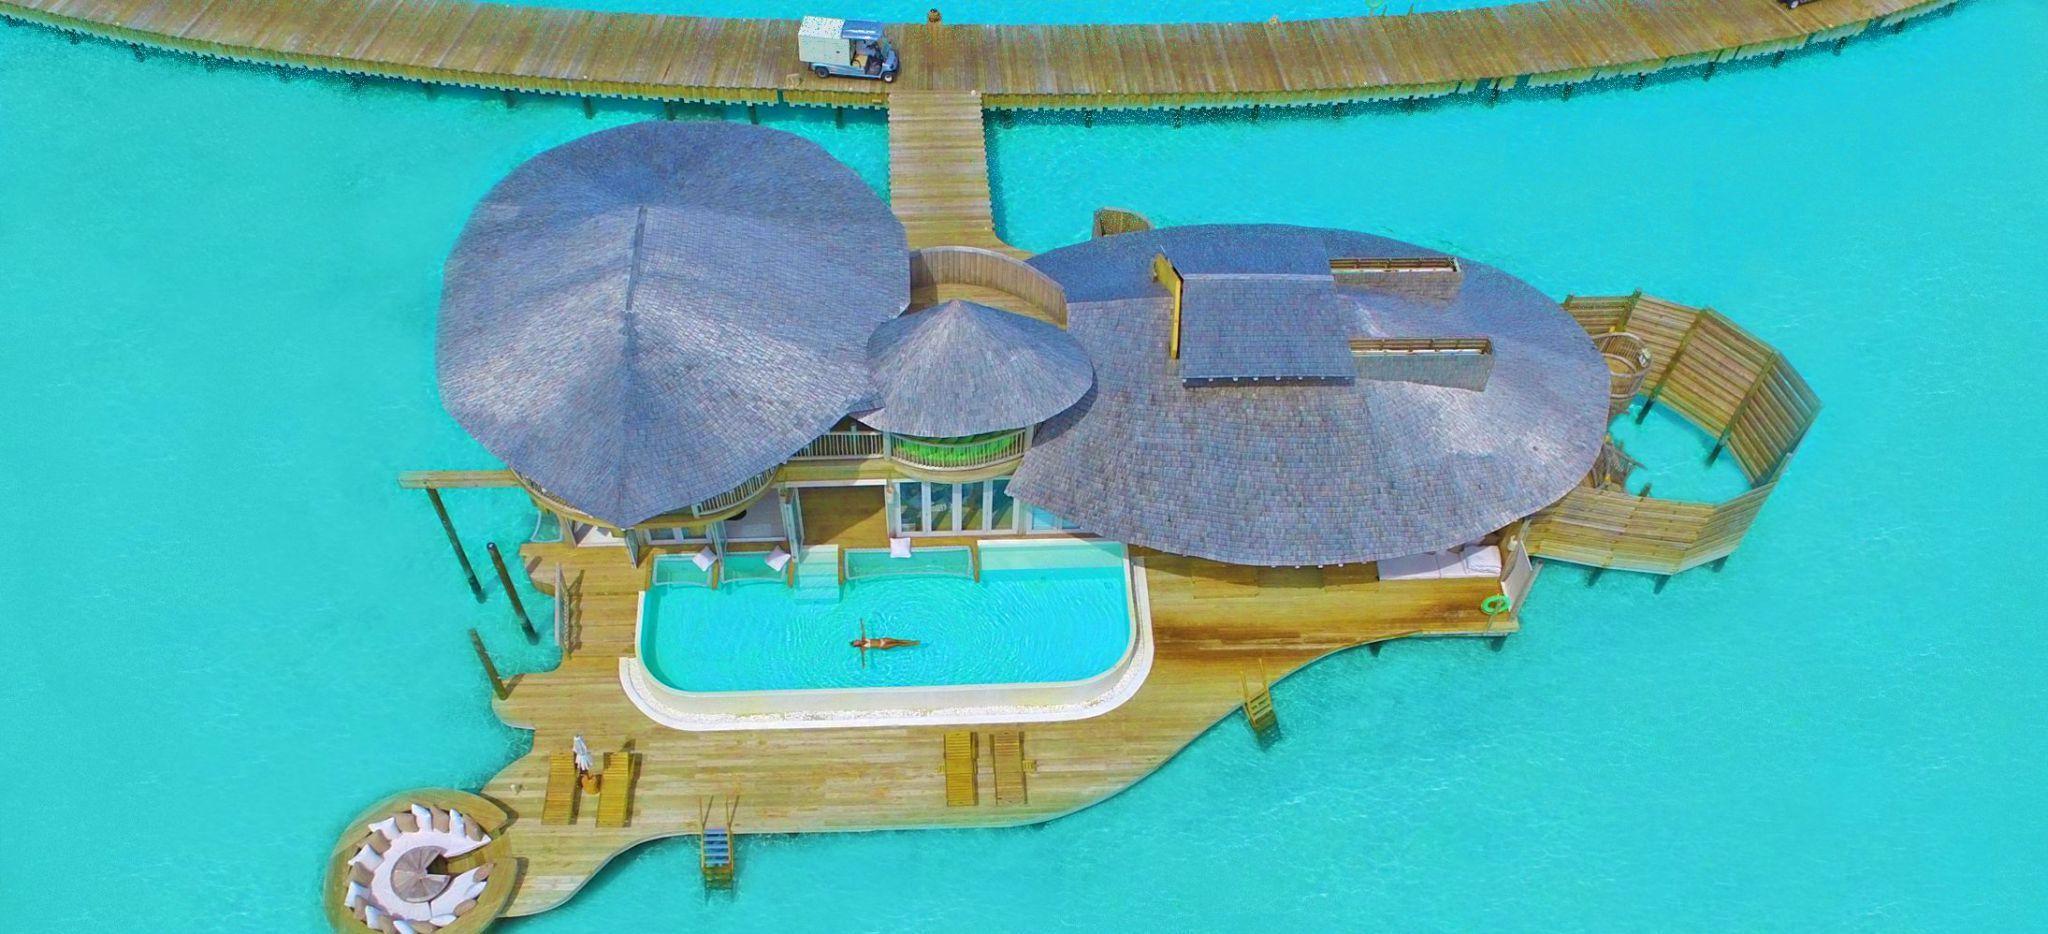 Luftaufnahme einer riesigen Wasservilla mit Pool im Hotel Soneva Jani